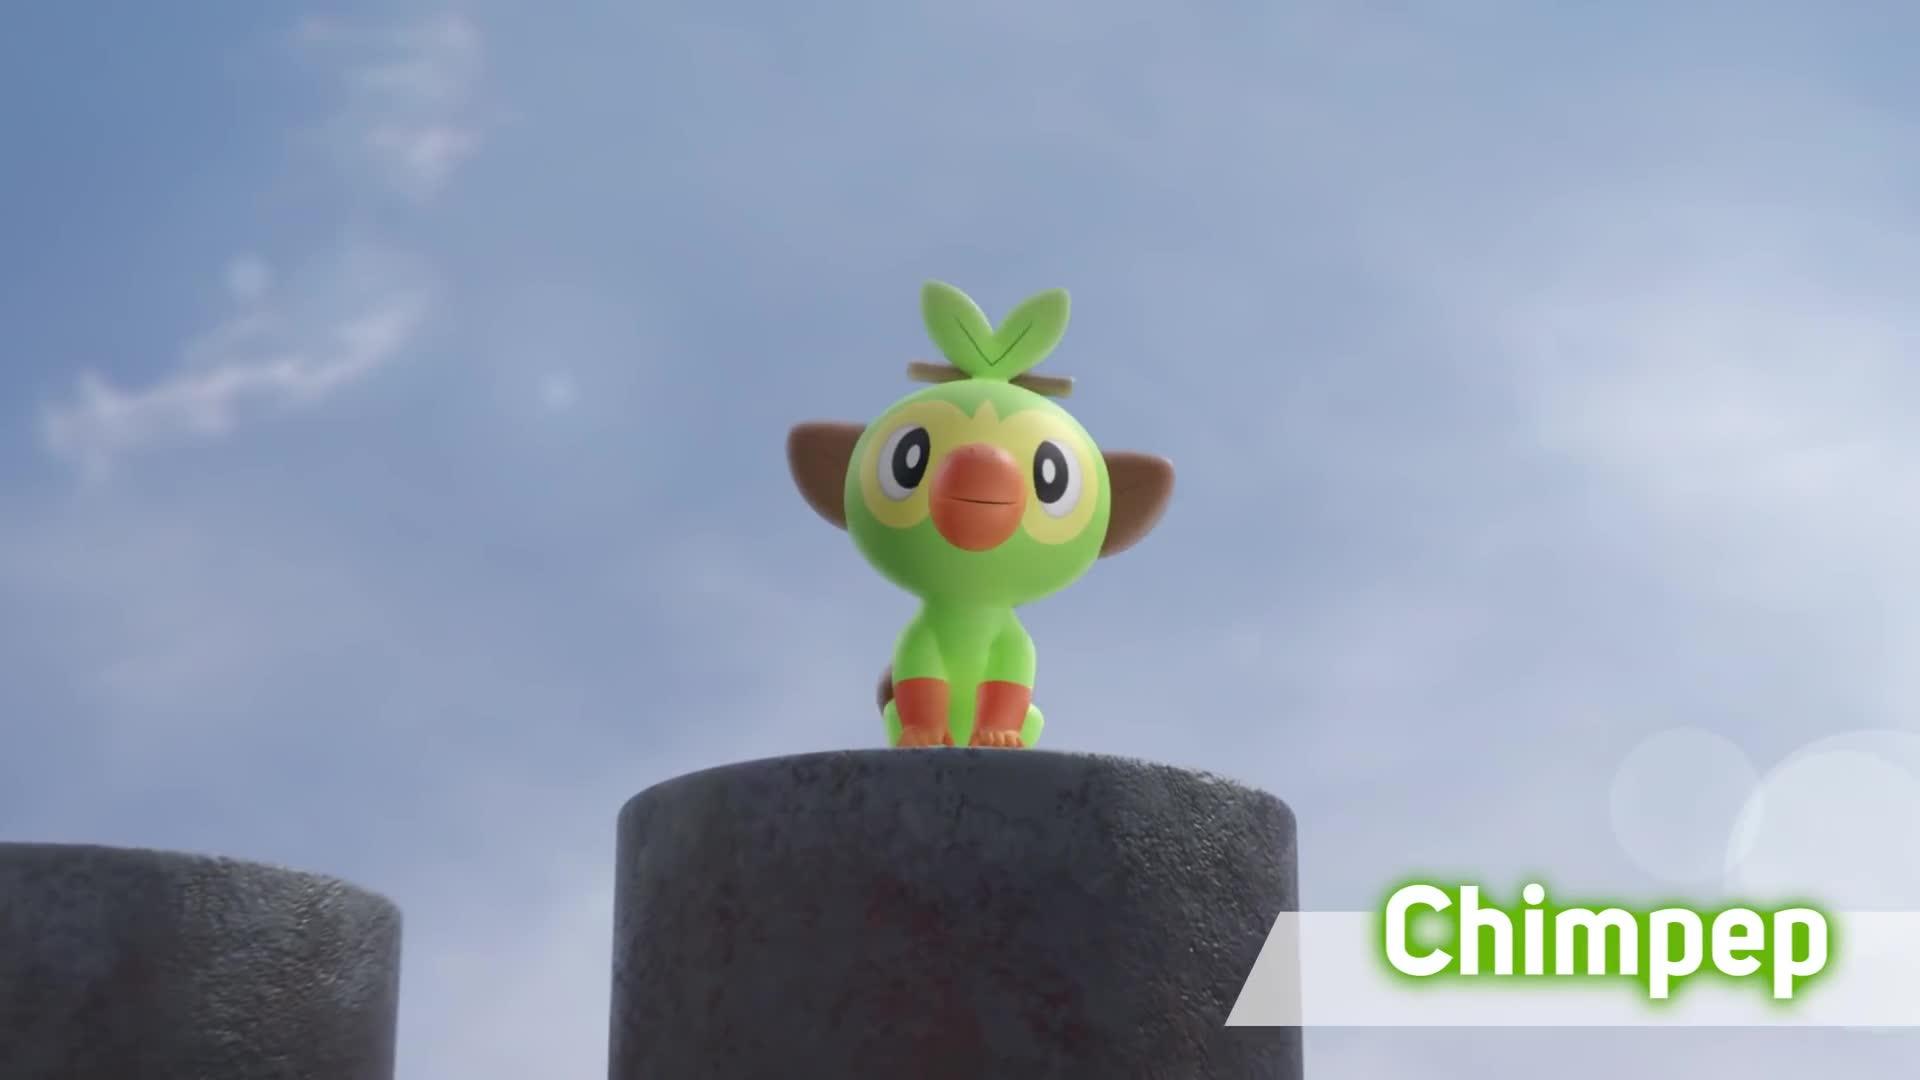 Trailer, Nintendo Switch, Pokemon, Pokémon Schwert, Pokémon Schild